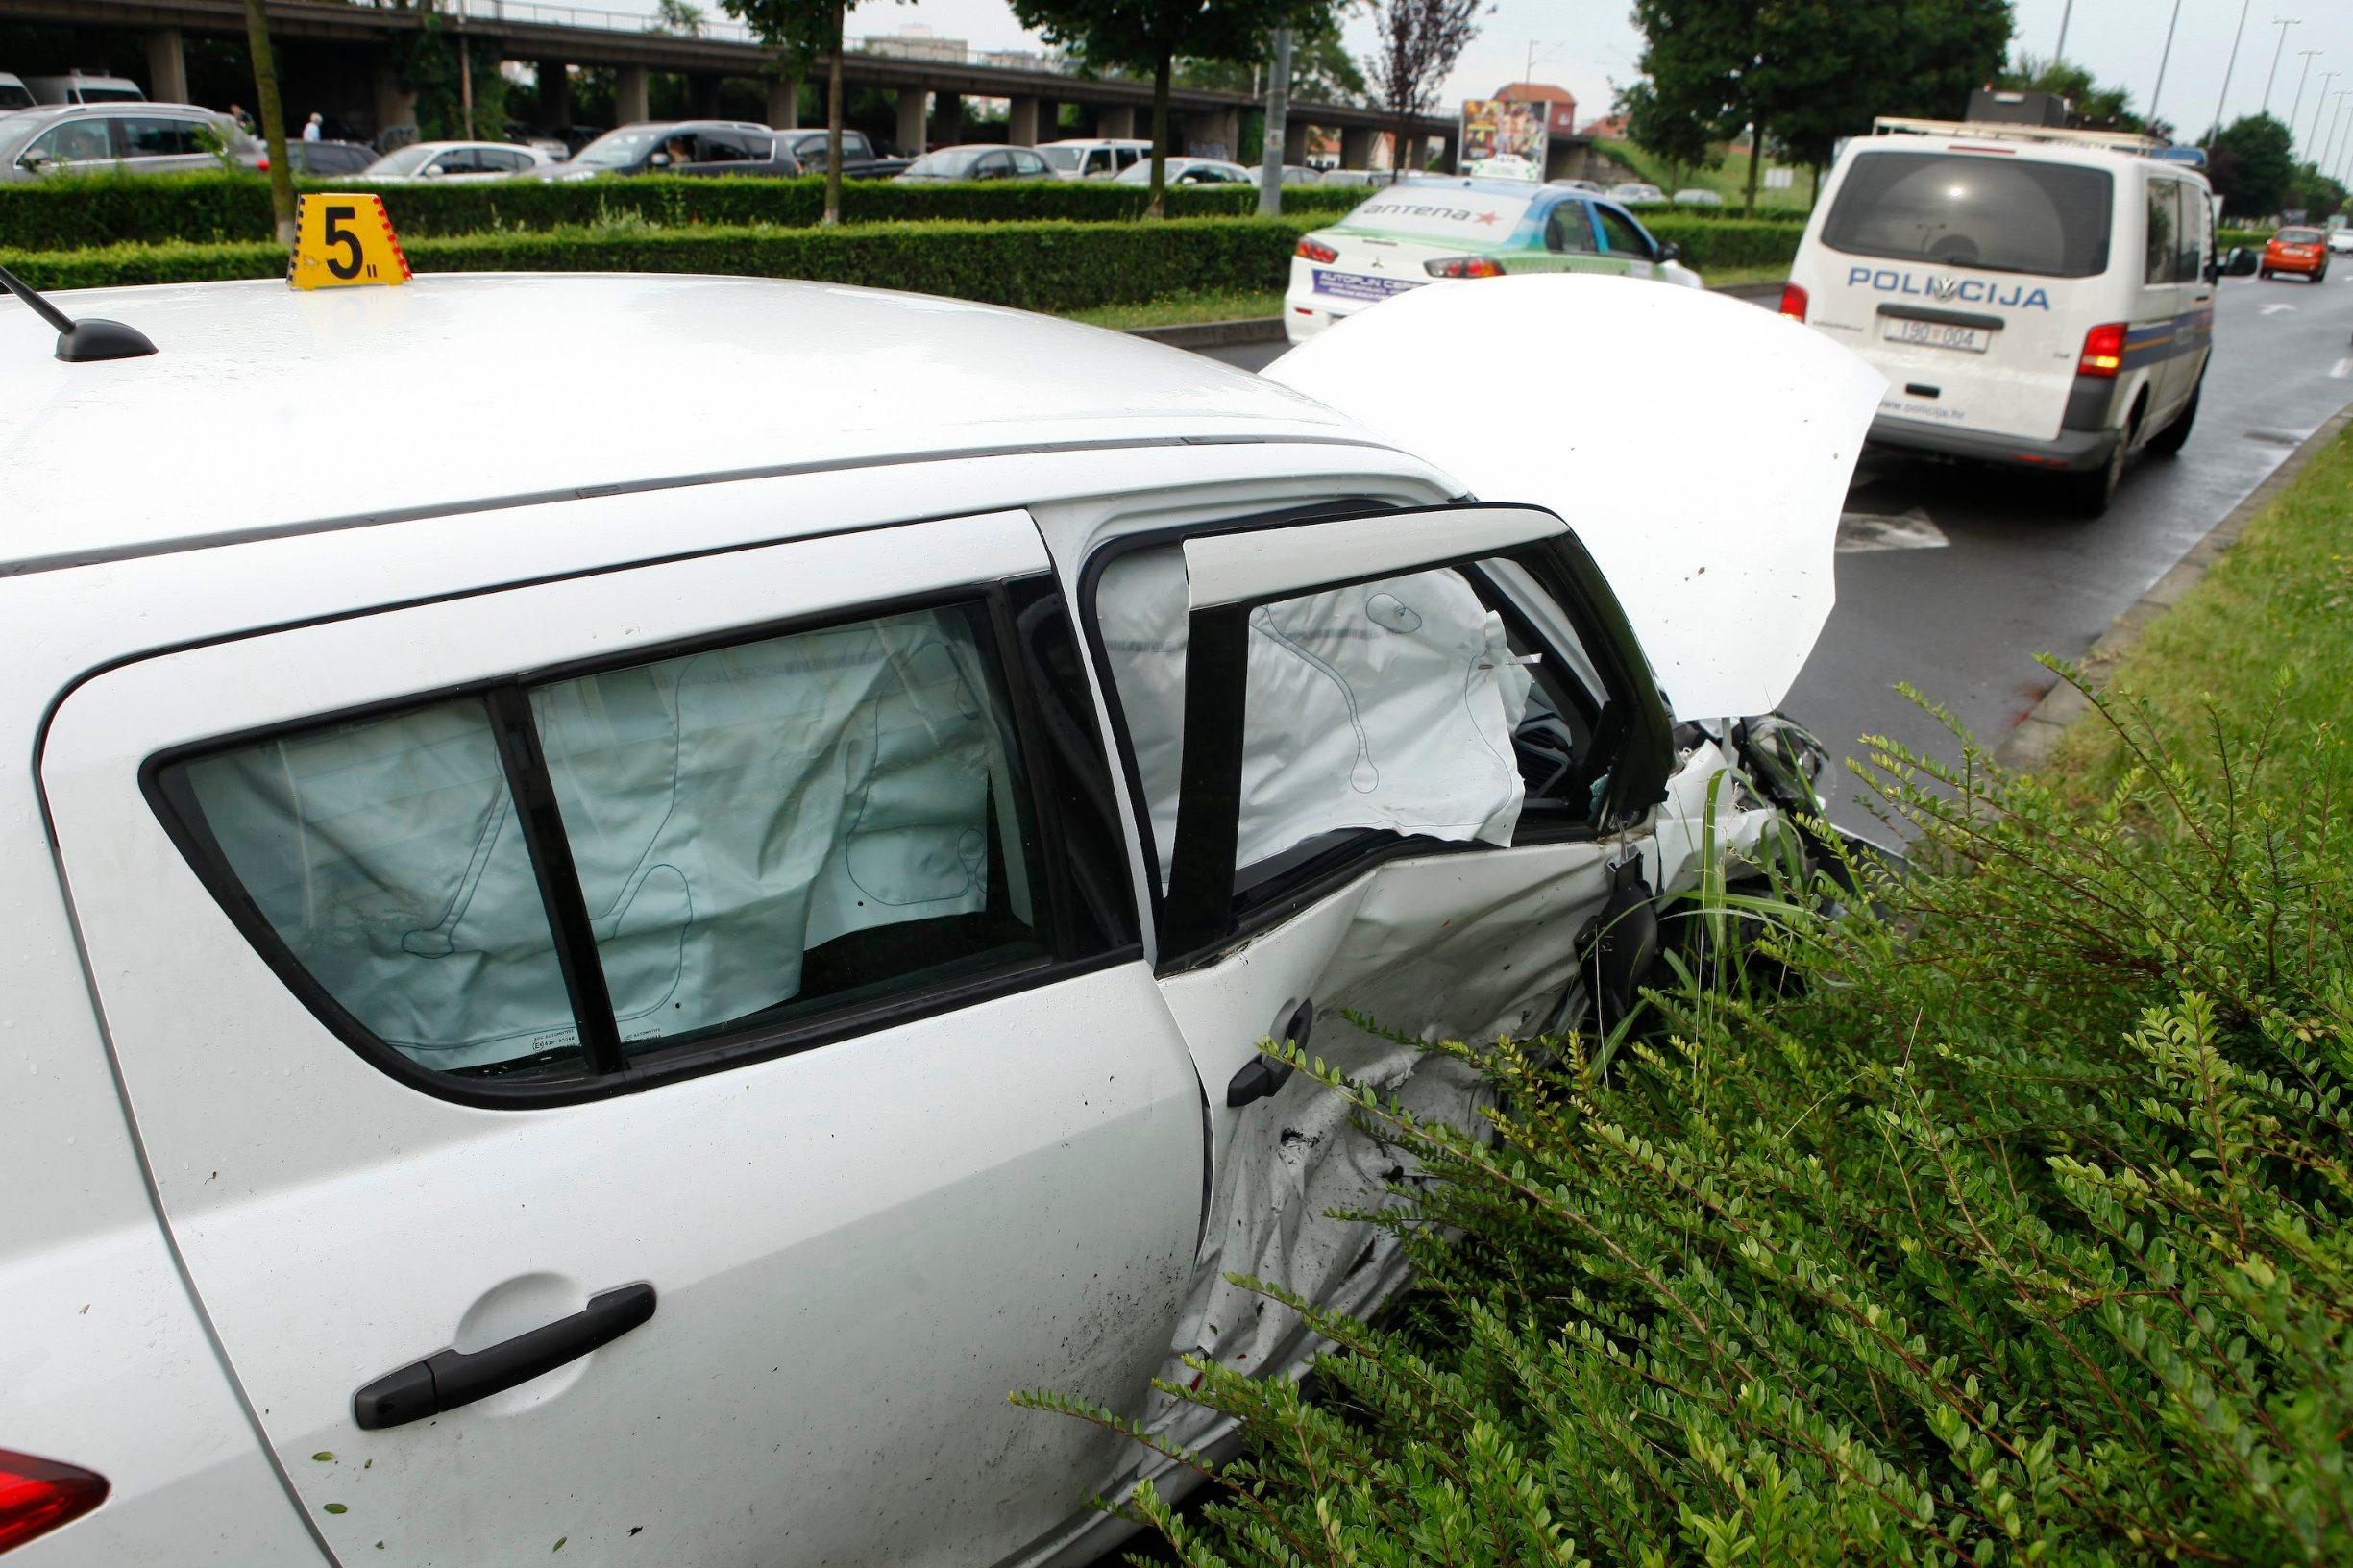 Nesreća na Branimirovoj / Arhiva